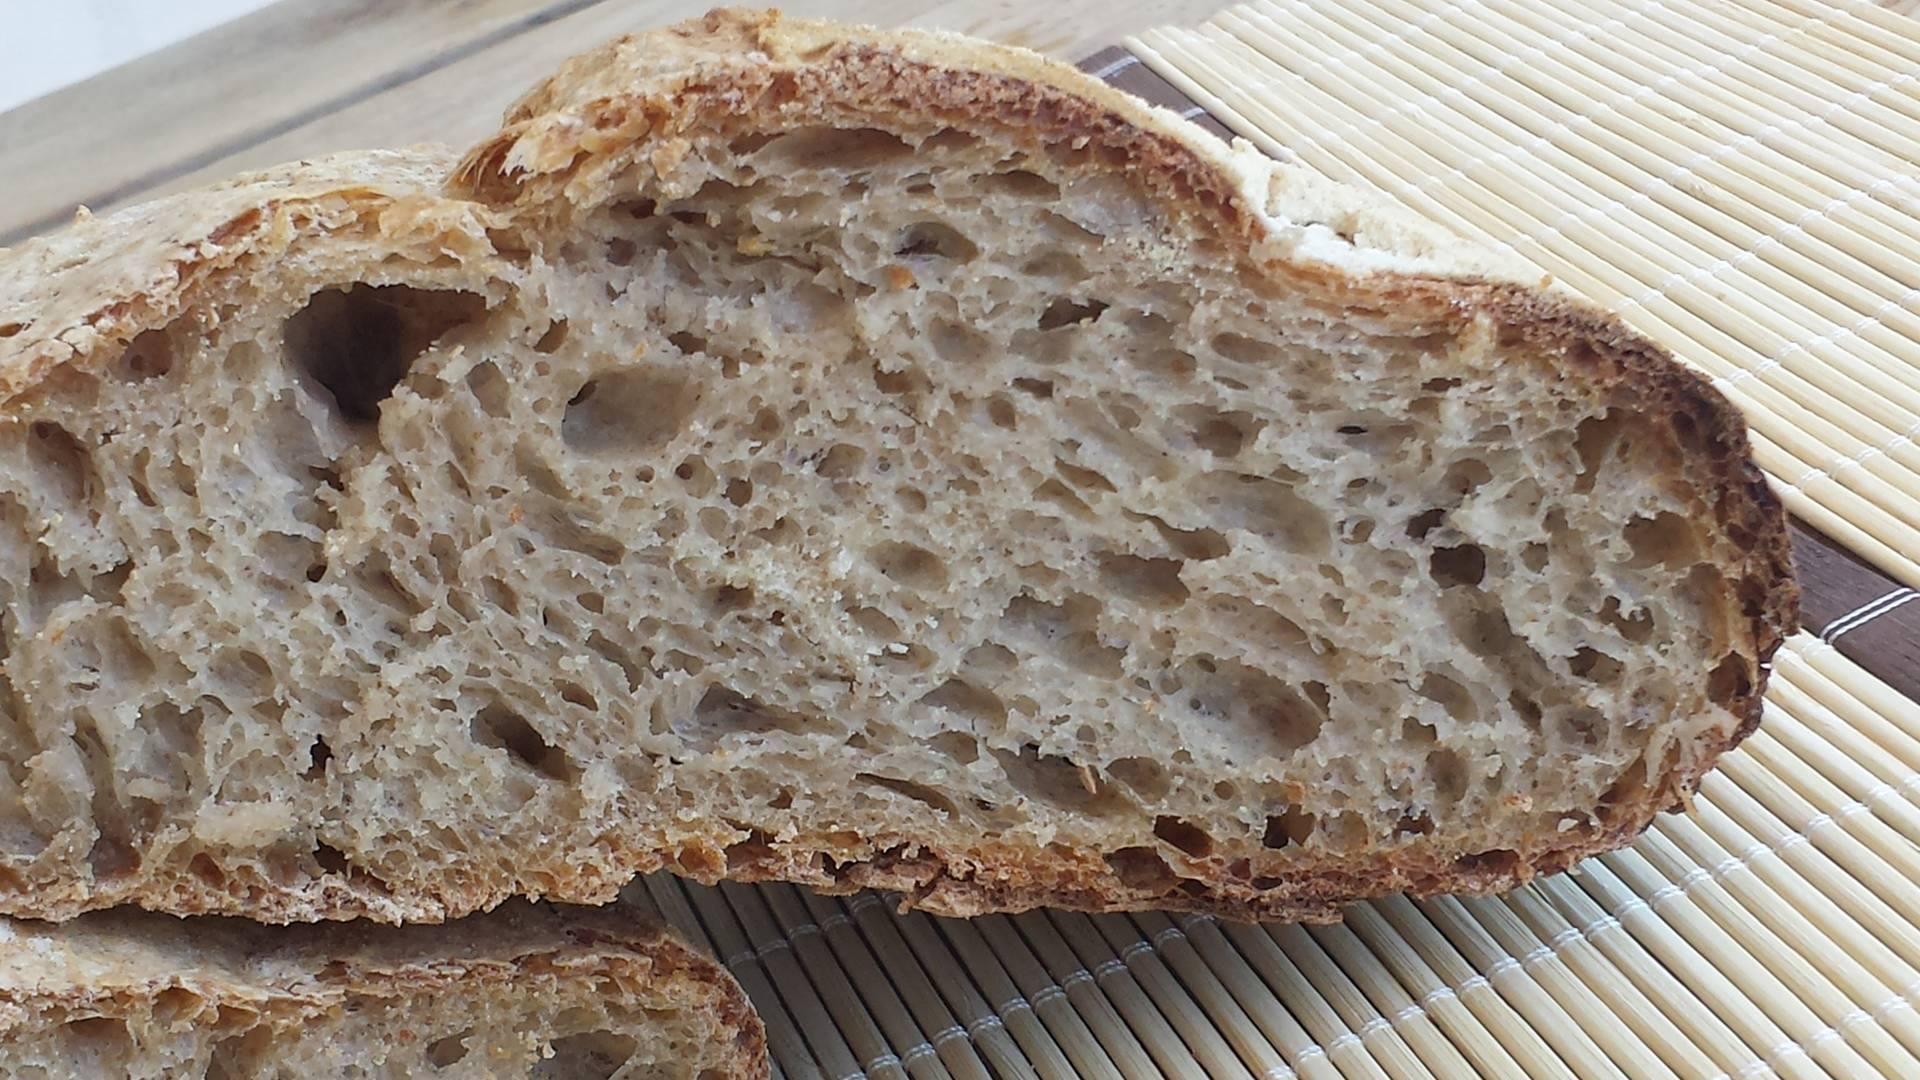 Credenza Per Pane : Pane con farina di tumminia e pasta madre dal dolce al salato